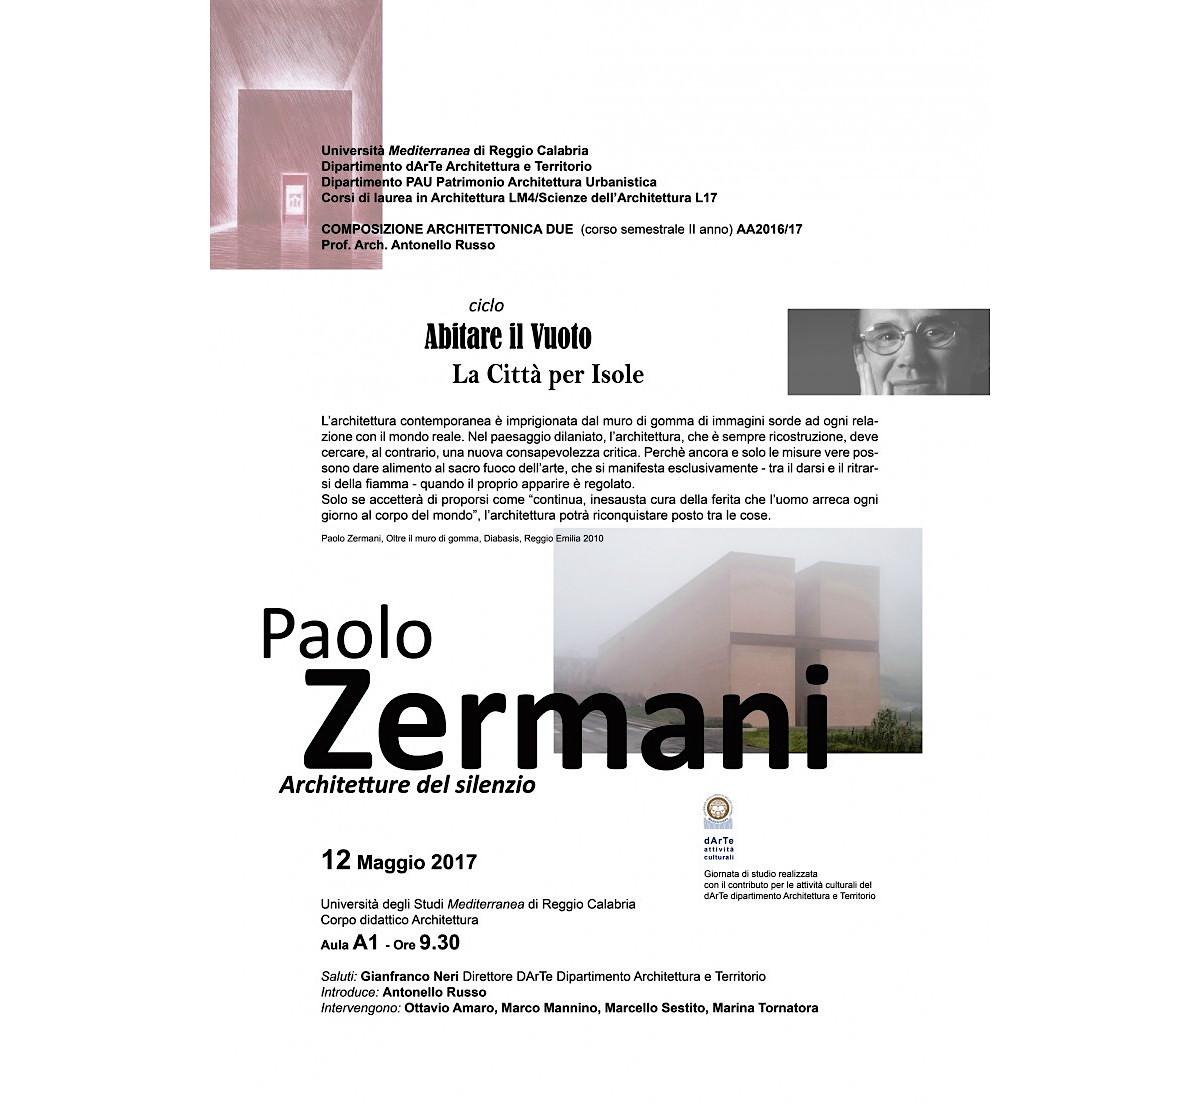 Architetture del silenzio con Paolo Zermani